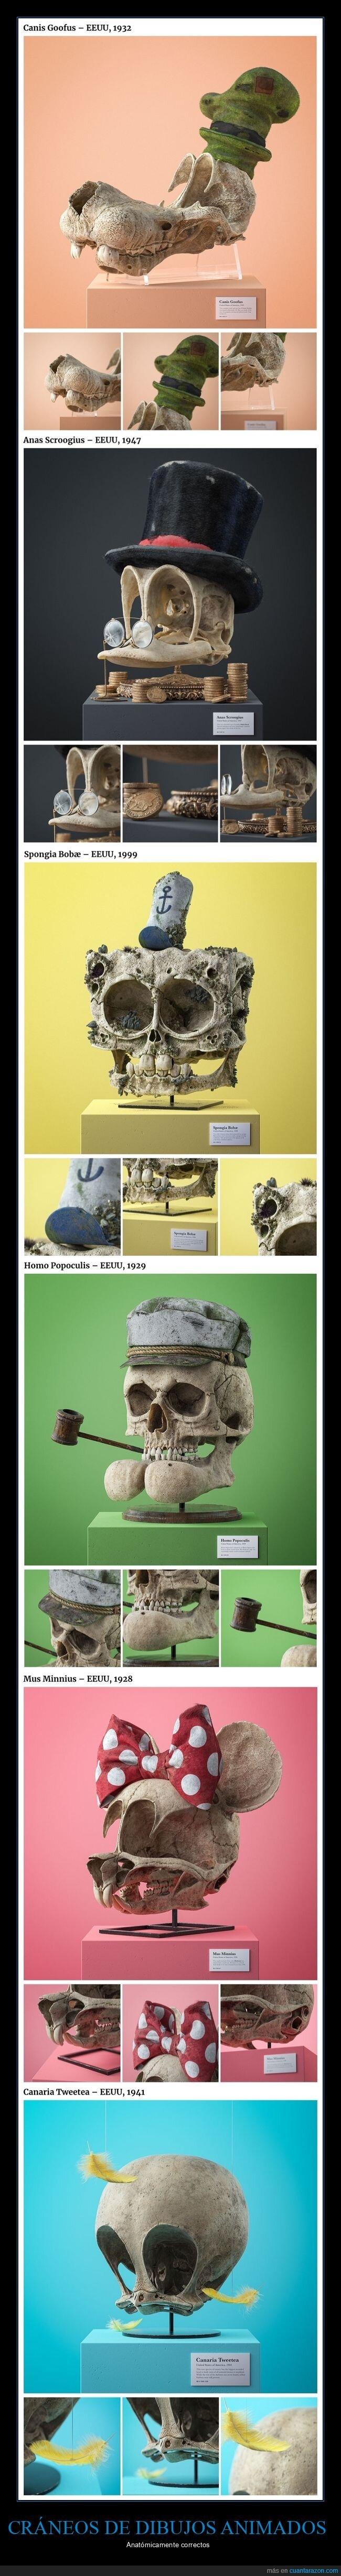 cráneos,dibujos animados,personajes